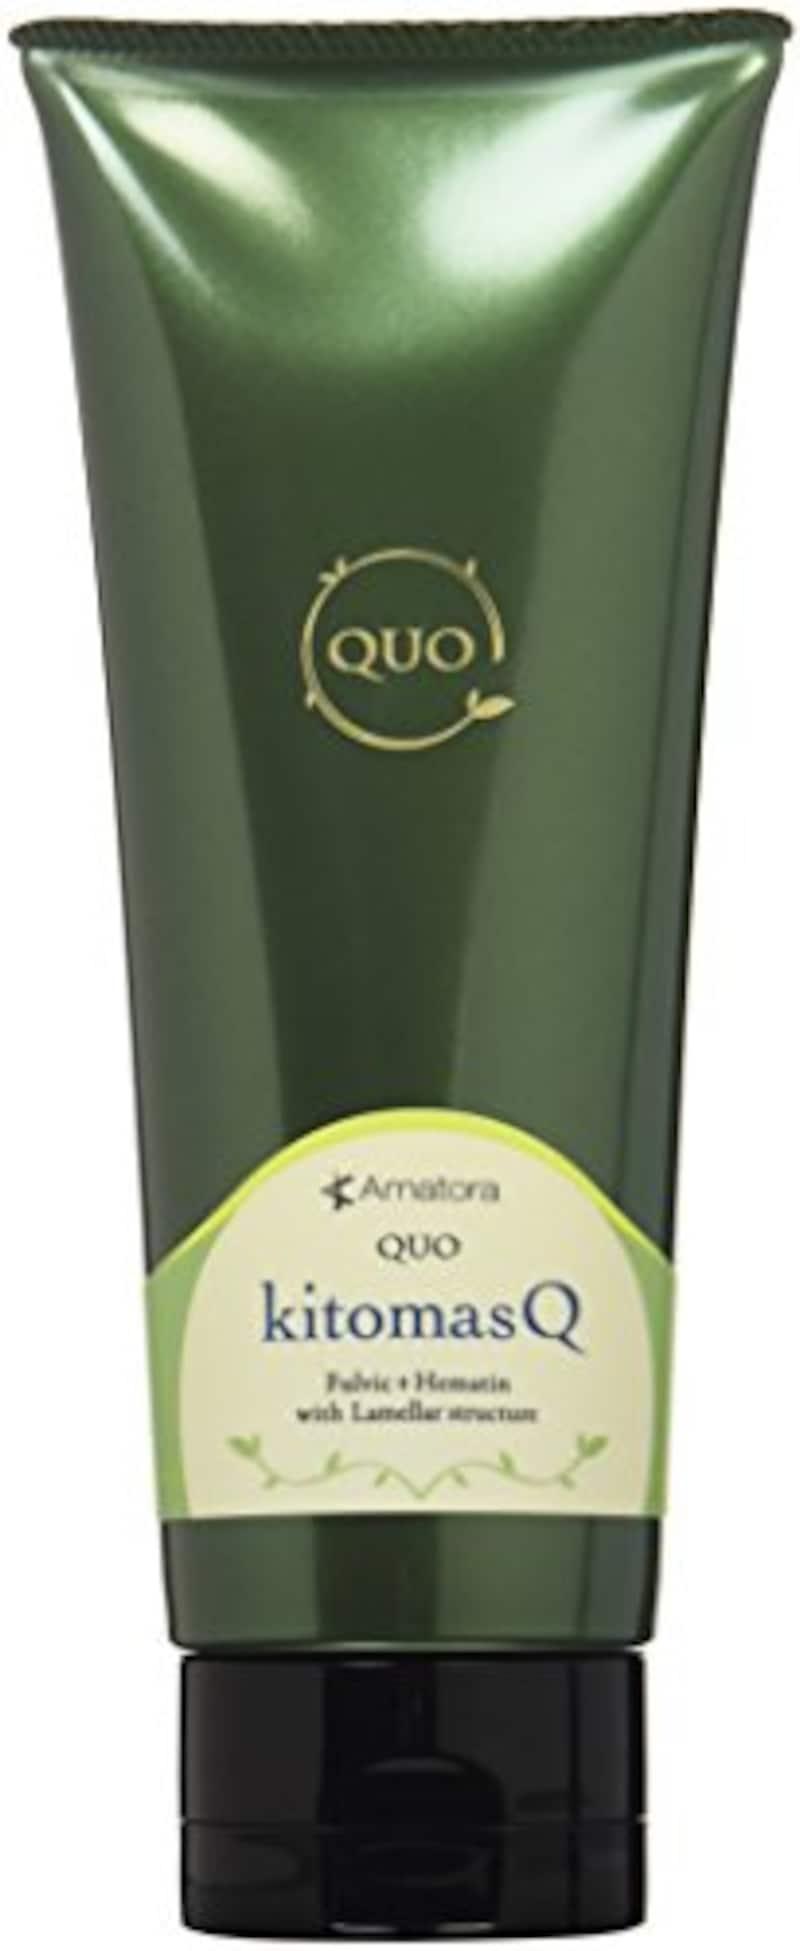 アマトラ,QUOキトマスク